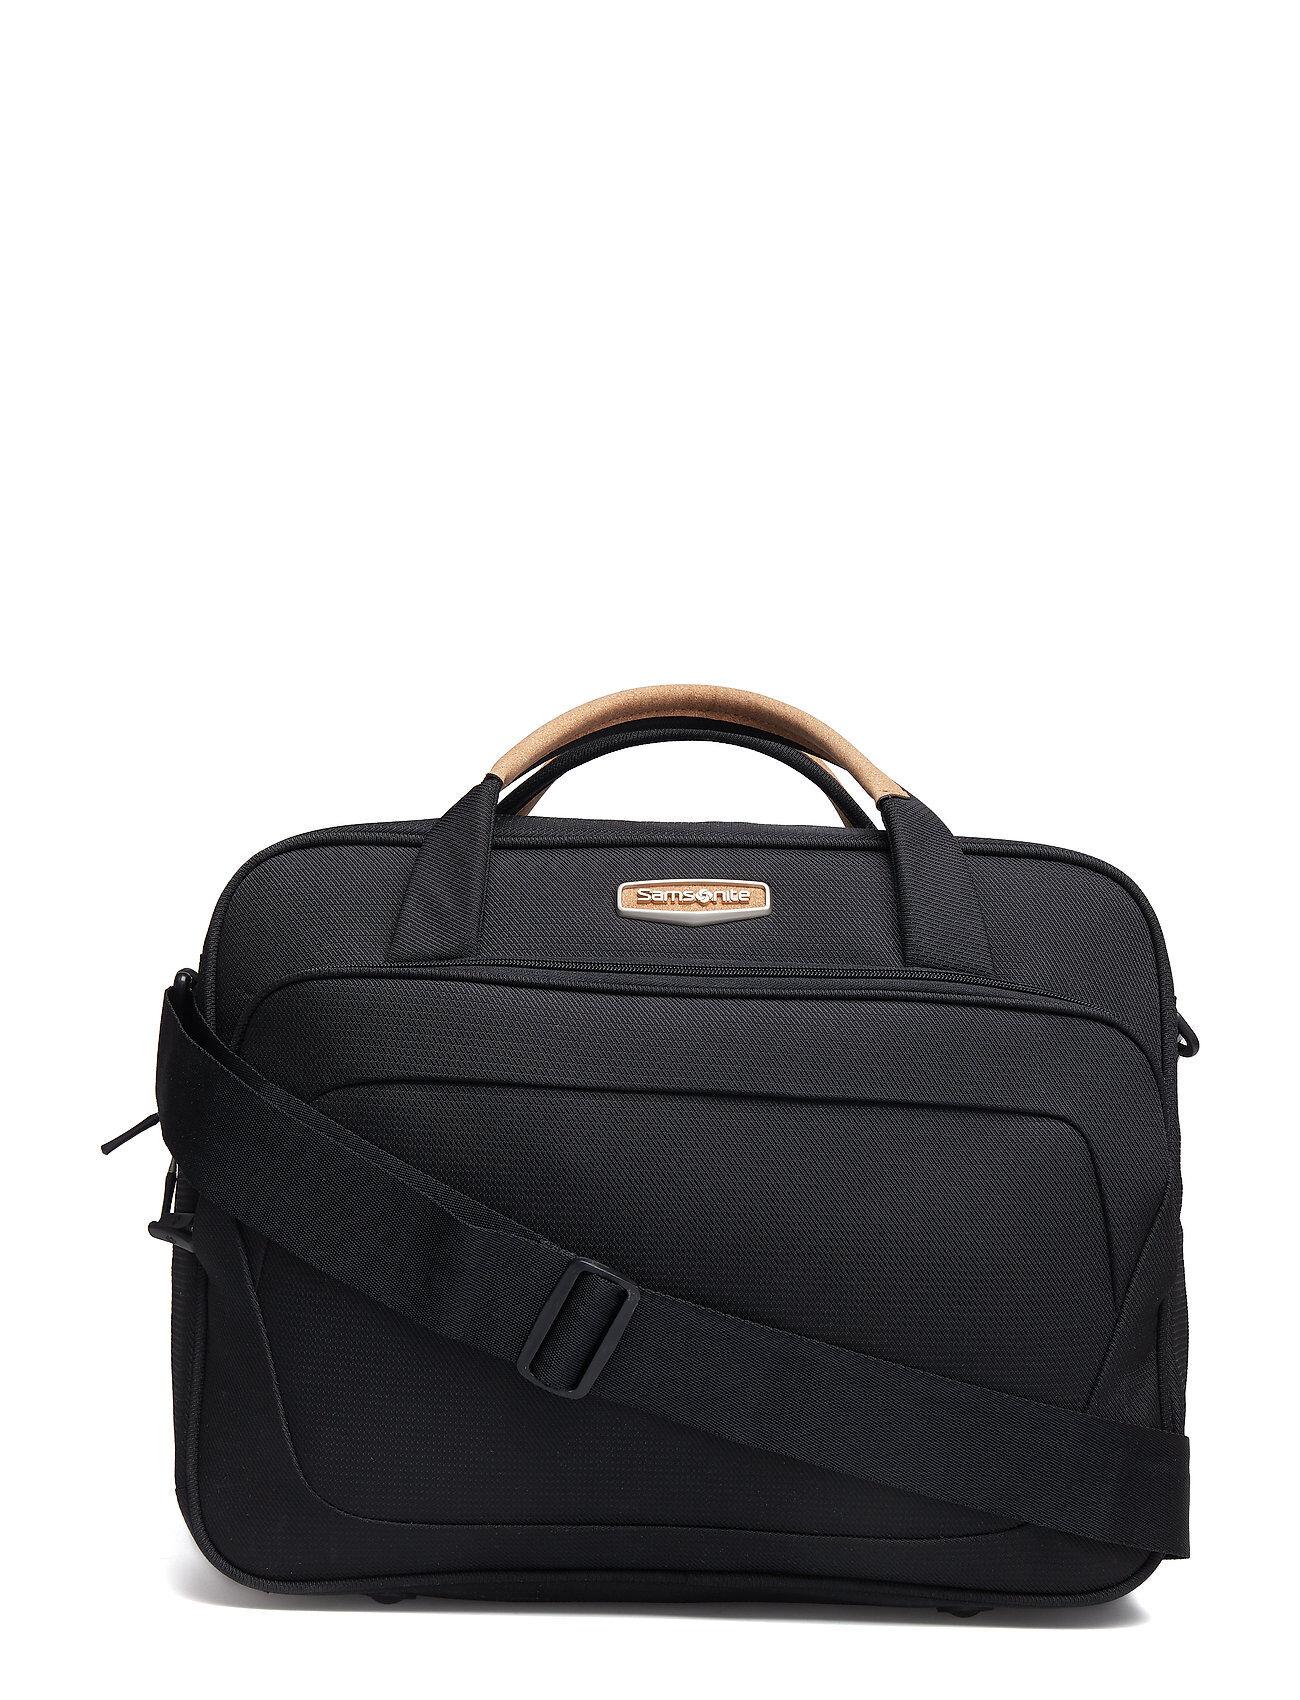 Samsonite Spark Sng Eco Shoulder Bag Tietok Laukku Läppärilaukku Laukku Musta